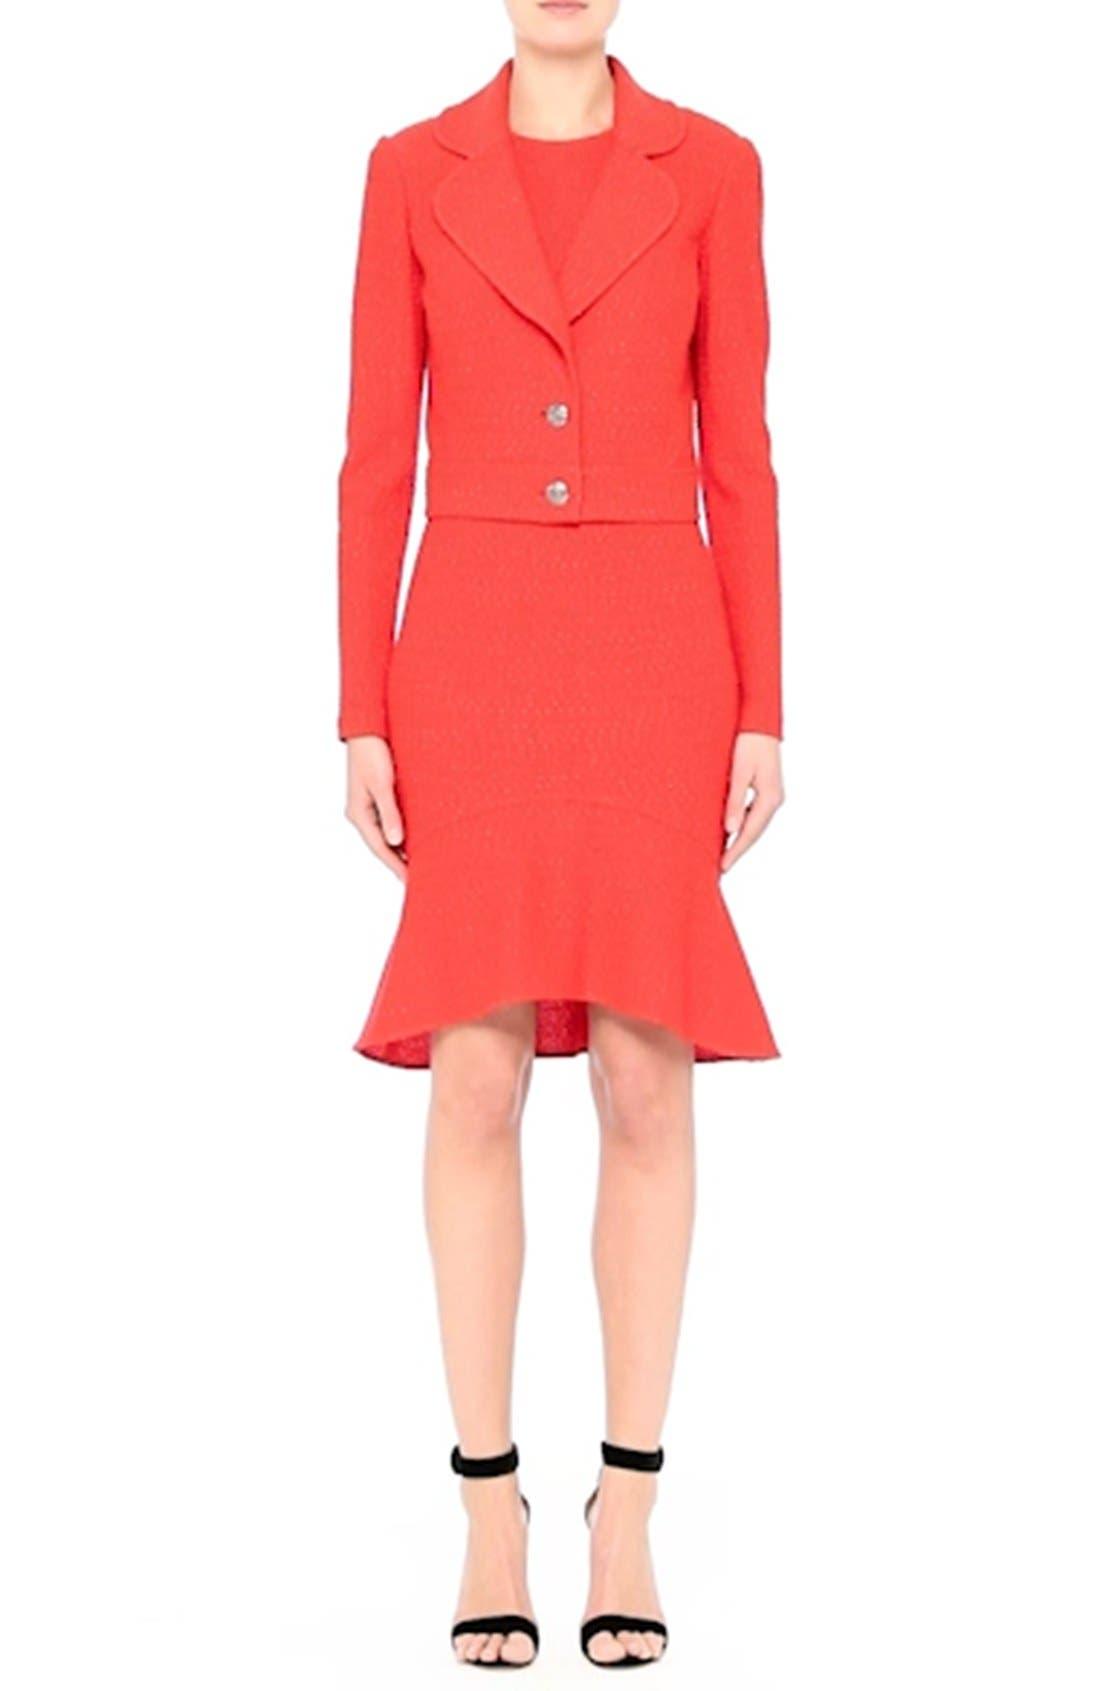 Ribbon Knit Flounce Dress,                             Alternate thumbnail 8, color,                             610